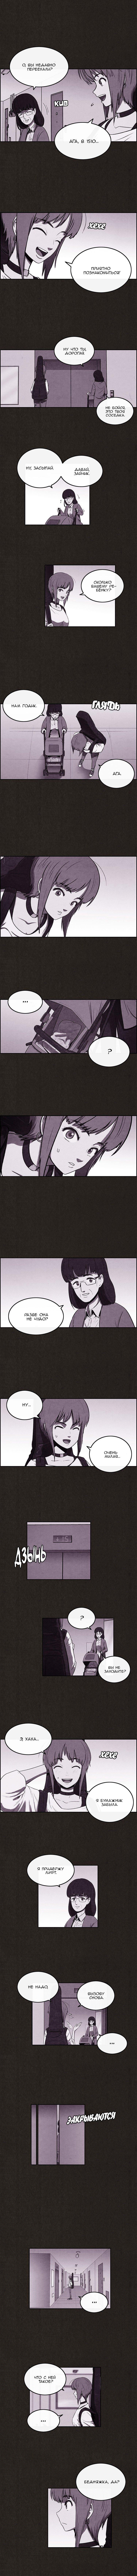 Манга Милый дом / Sweet Home (HWANG Youngchan) - Том 1 Глава 6 Страница 2